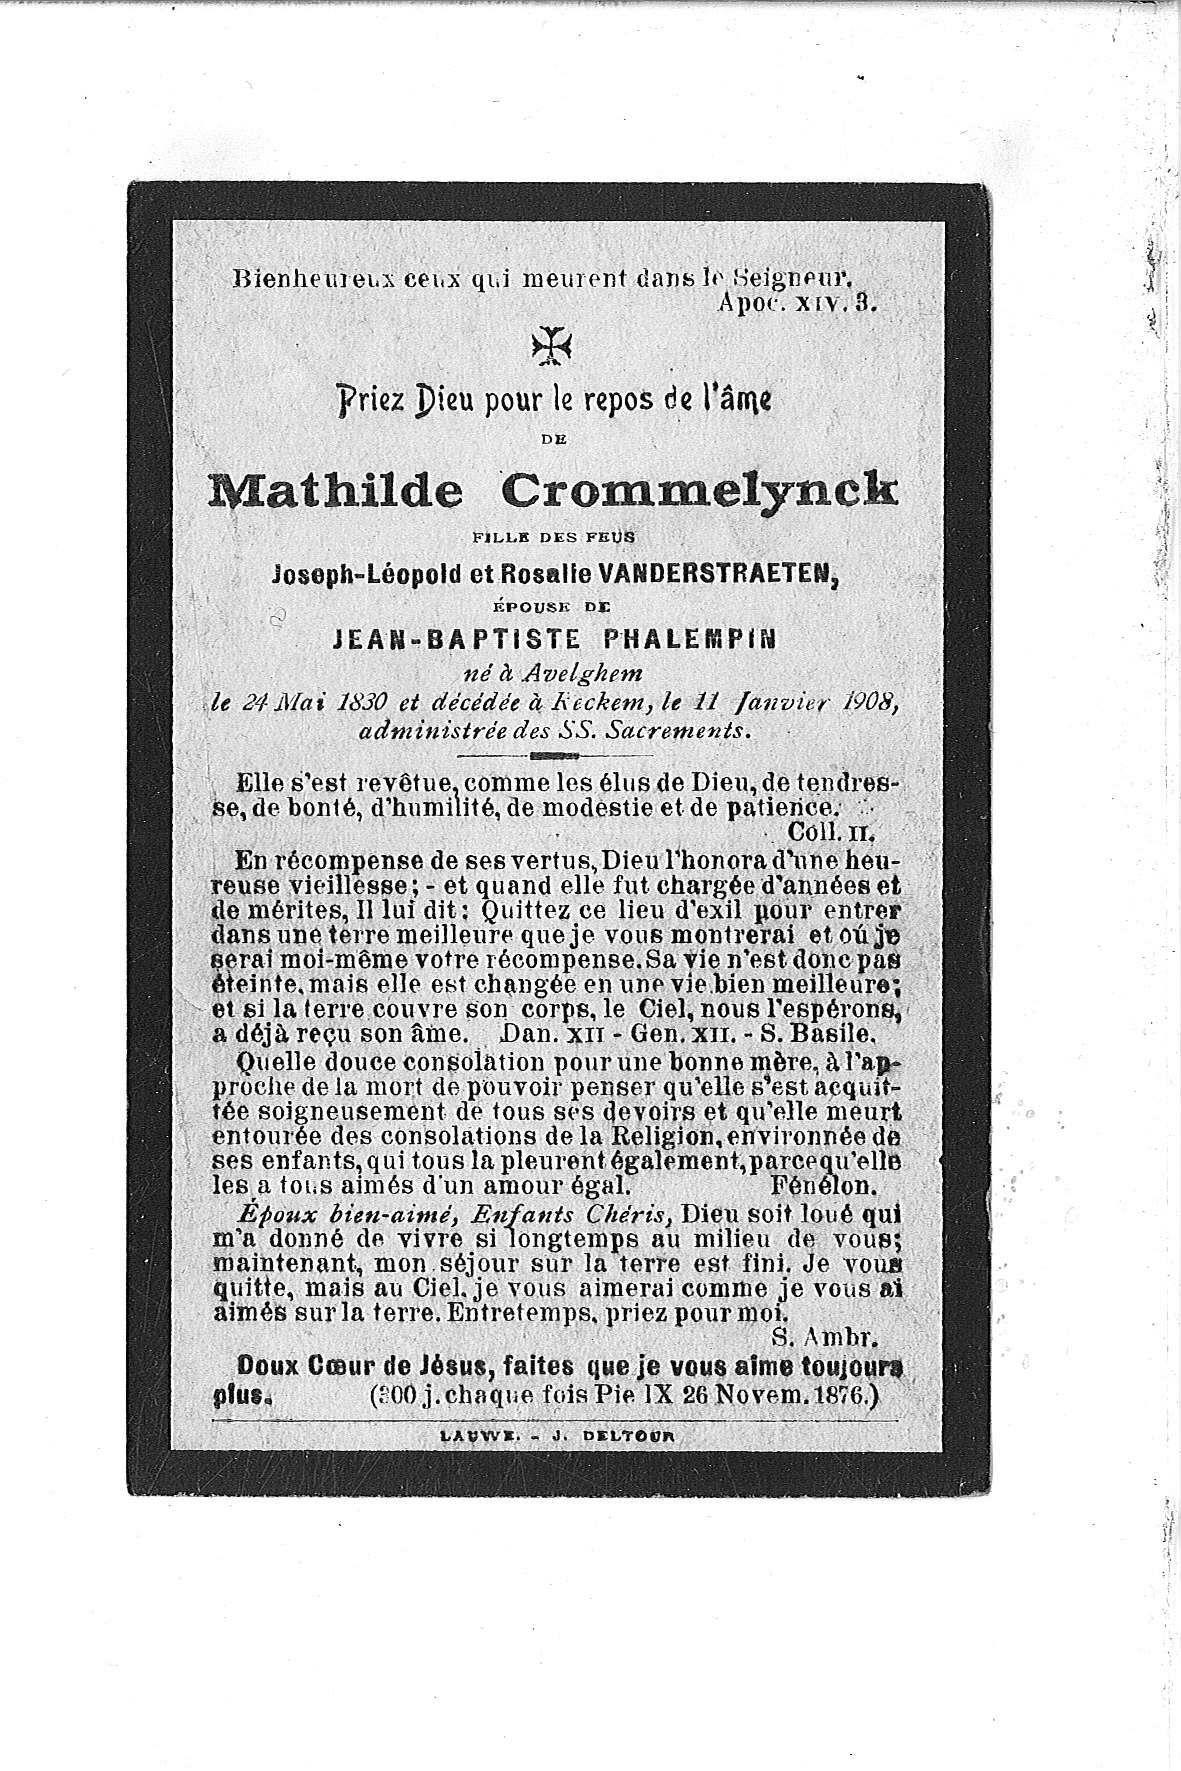 Mathilde (1908) 20120117135523_00136.jpg